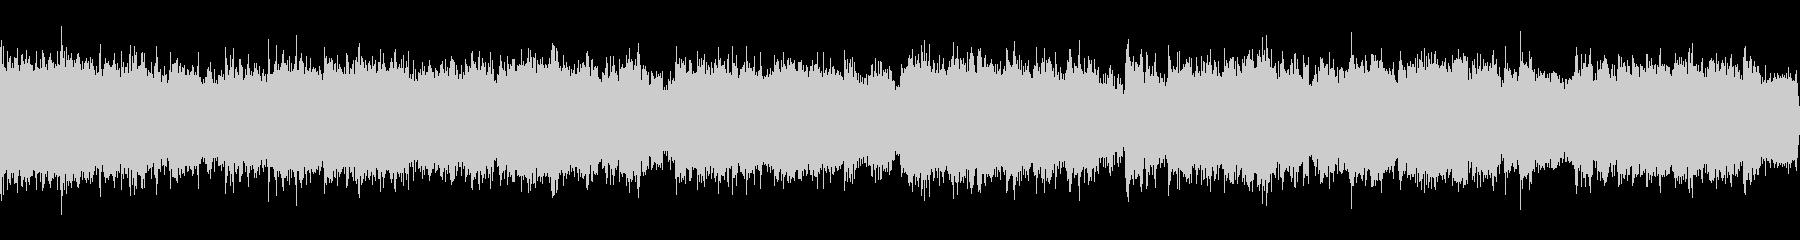 和風、琴、太鼓、幻想的なCMの未再生の波形